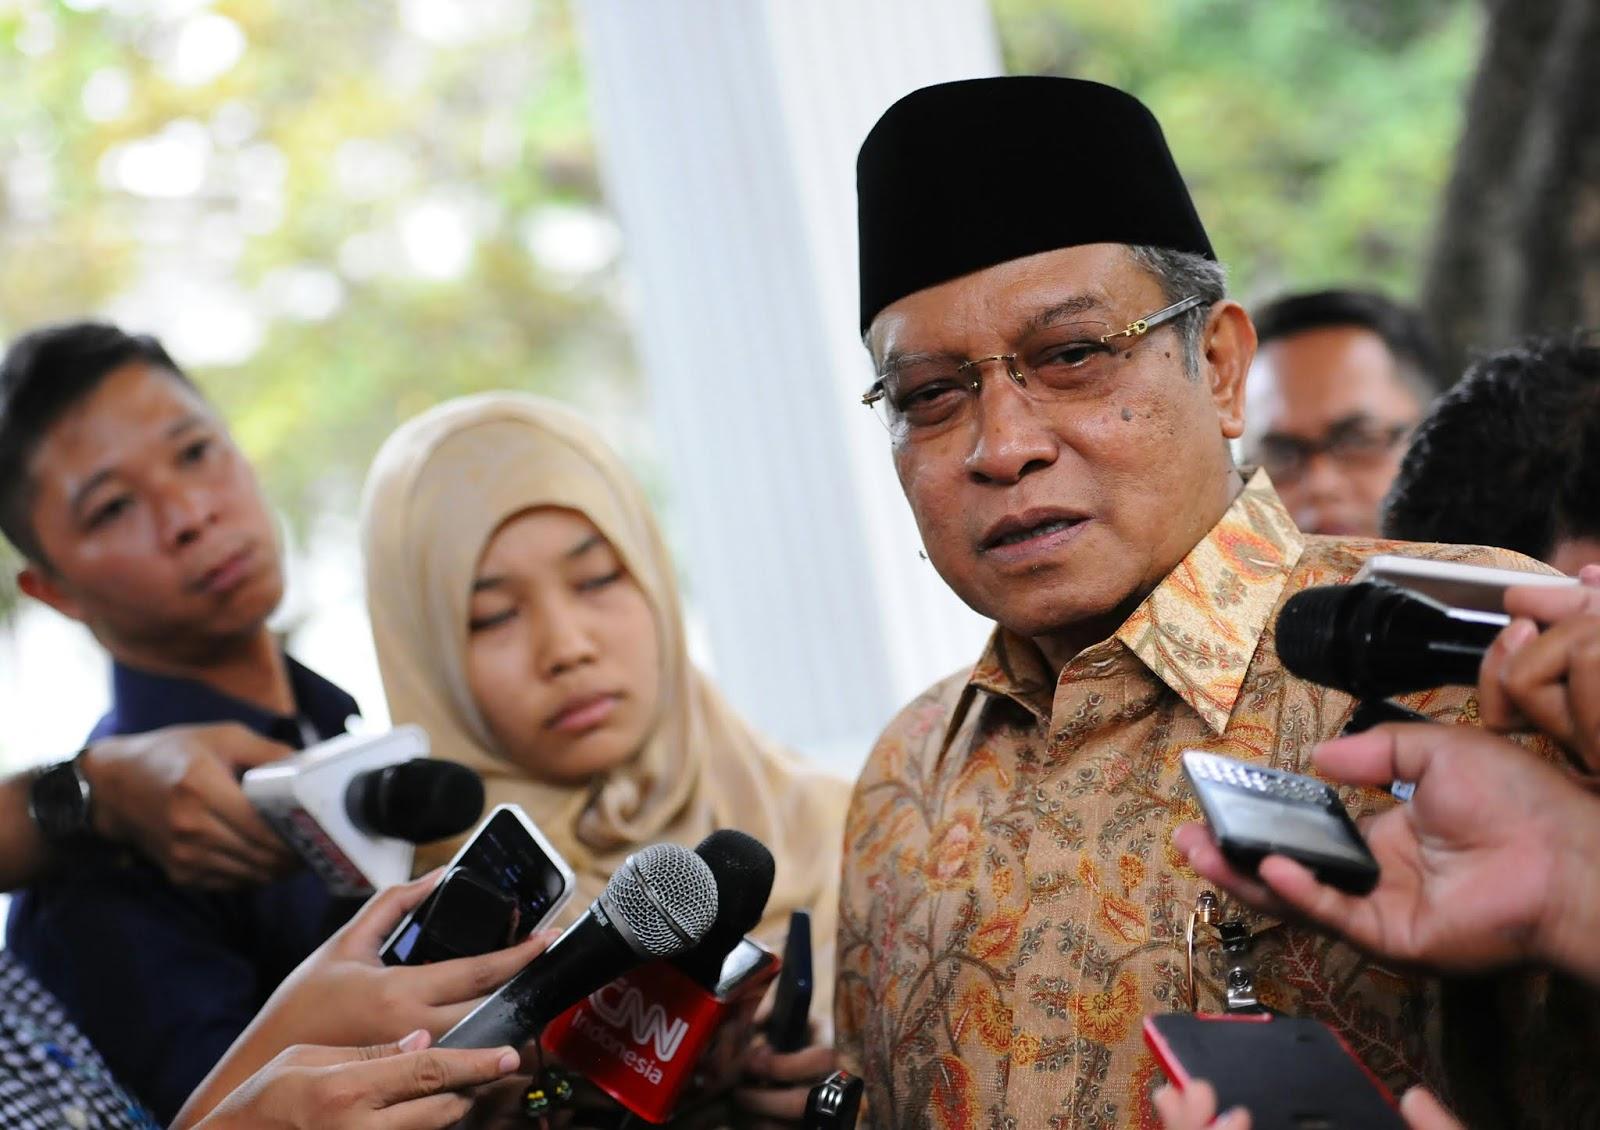 Pujian dan Kritik Said Aqil Soal Sikap Pemerintah Hadapi Covid-19